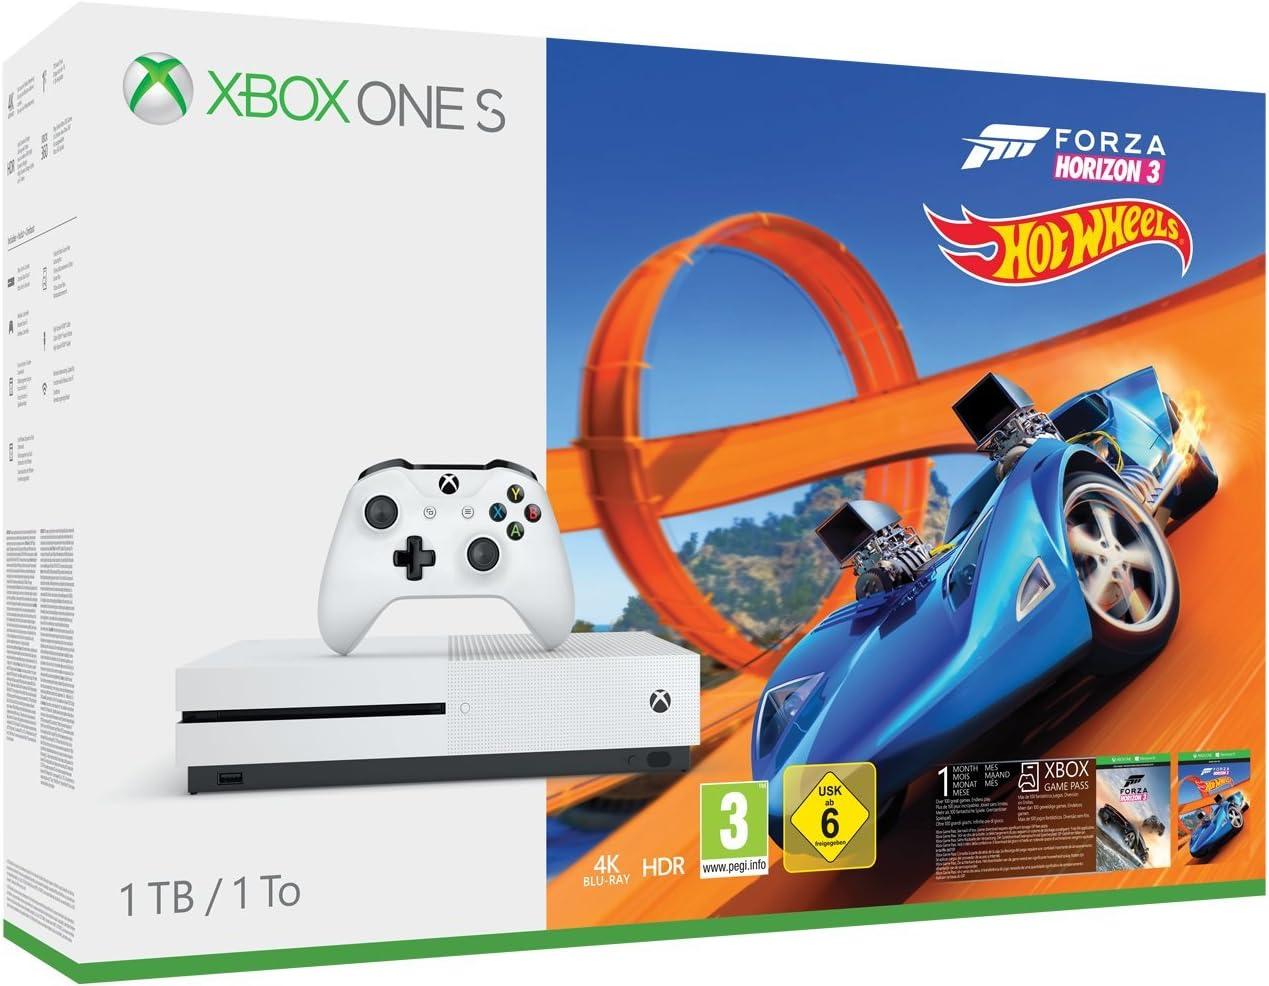 Xbox Una Consola s 1 TB - Forza Horizon 3 Hot Wheels Bundle: Amazon.es: Juguetes y juegos